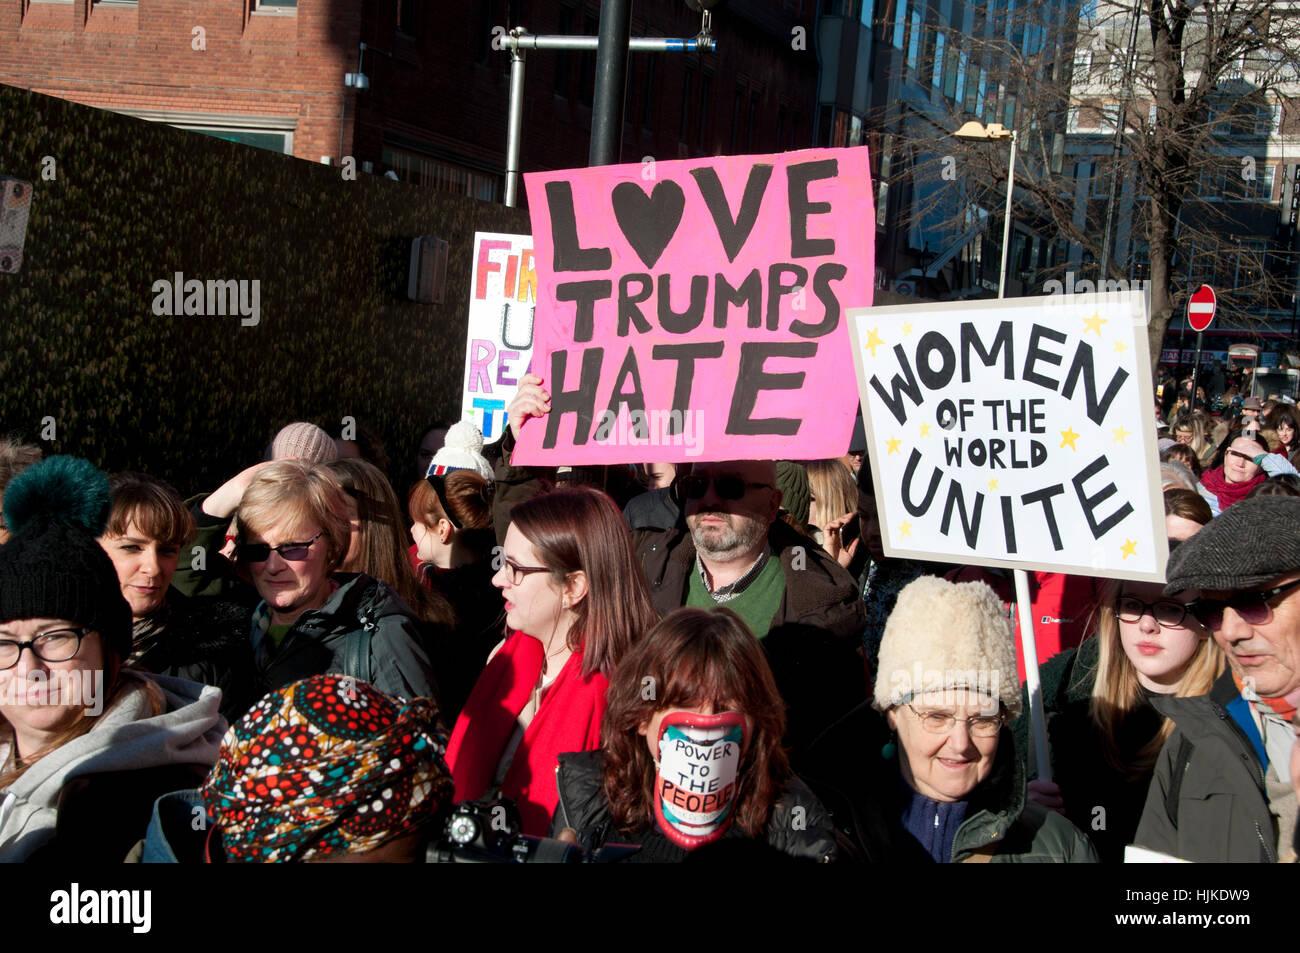 """Las mujeres anti-Trump marzo, Londres. Carteles que dicen """"el amor triunfa sobre el odio"""" y """"Mujeres Imagen De Stock"""